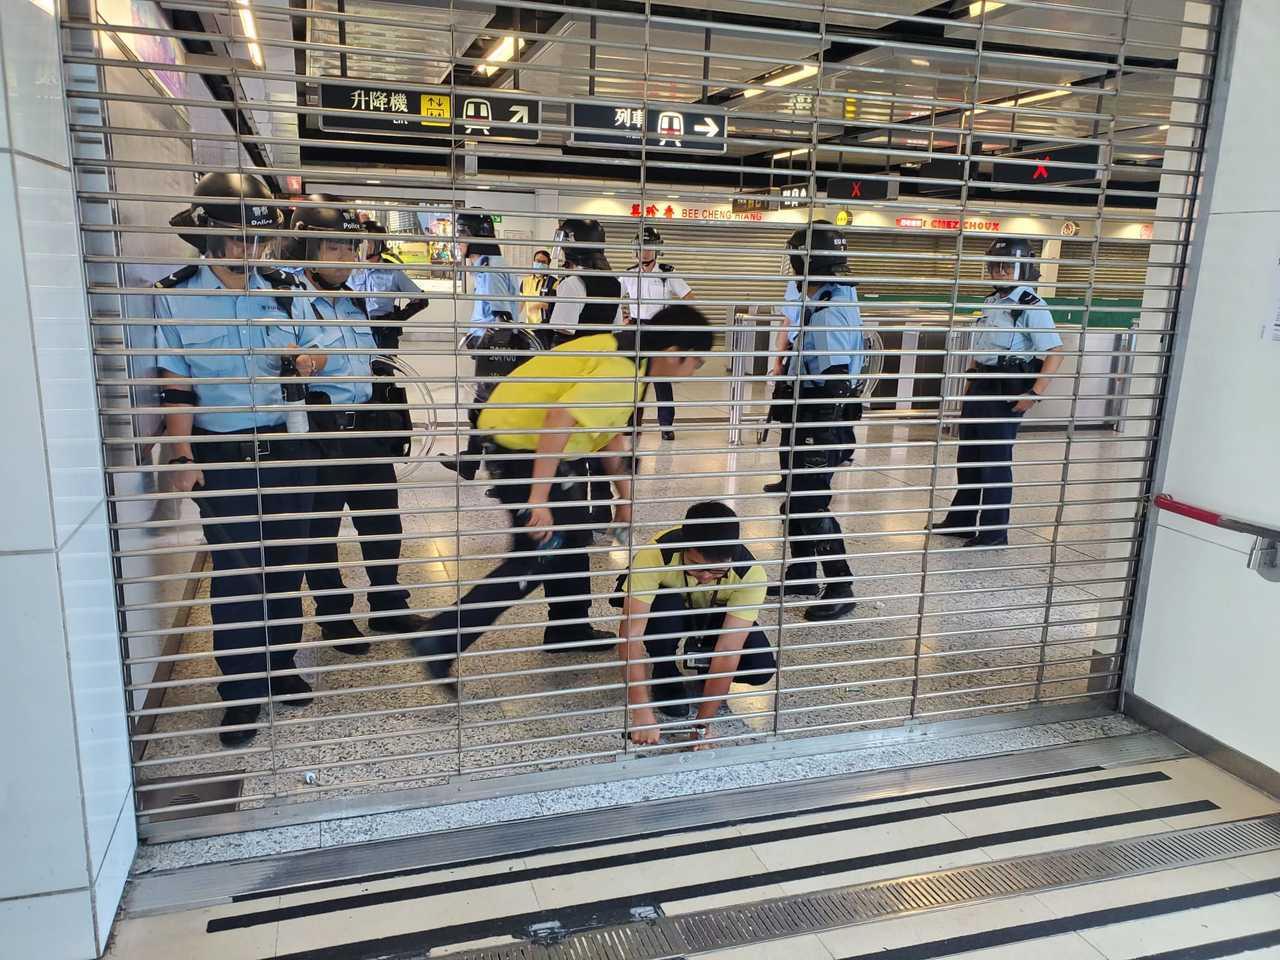 香港地鐵今日從下午開始陸續關站。圖/取自星島日報